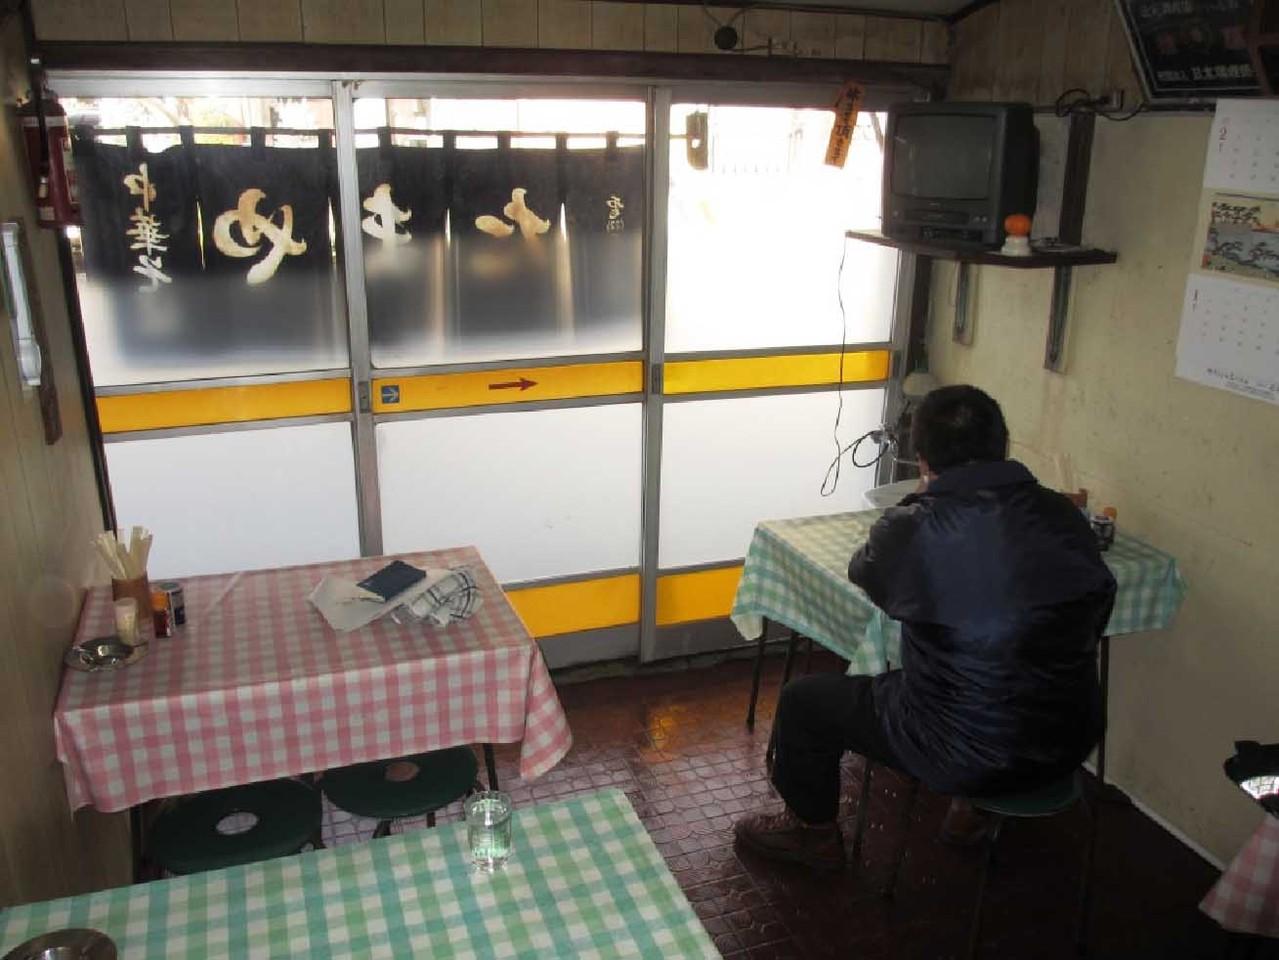 店内は4人賭けテーブル1台、2人掛けテーブル3台が設置されている